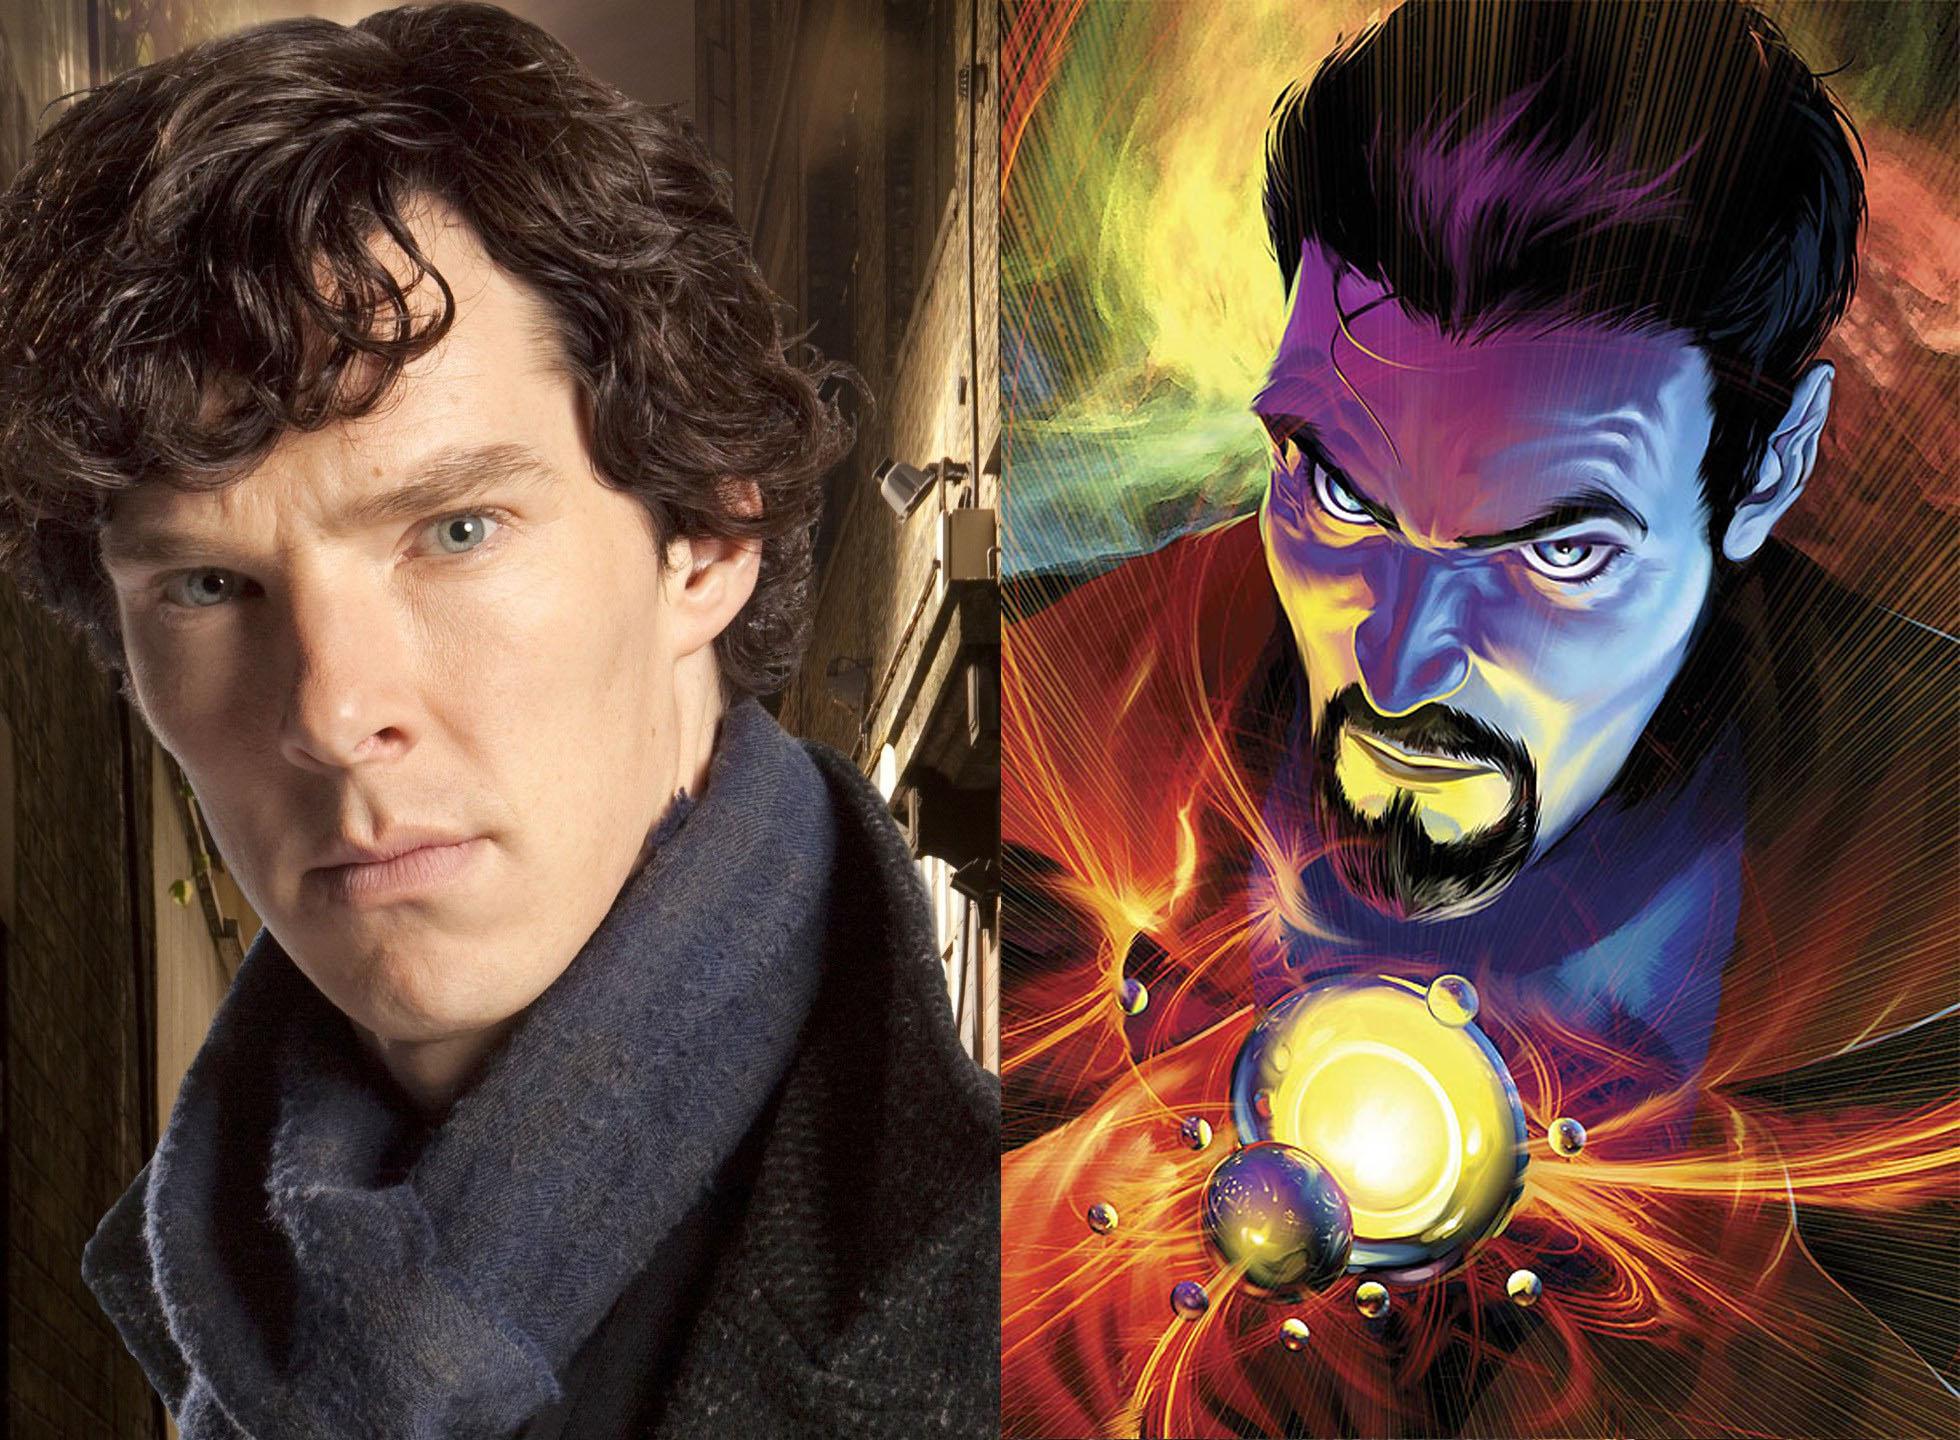 Teraz już oficjalnie. Benedict Cumberbatch został Doctorem Strangem